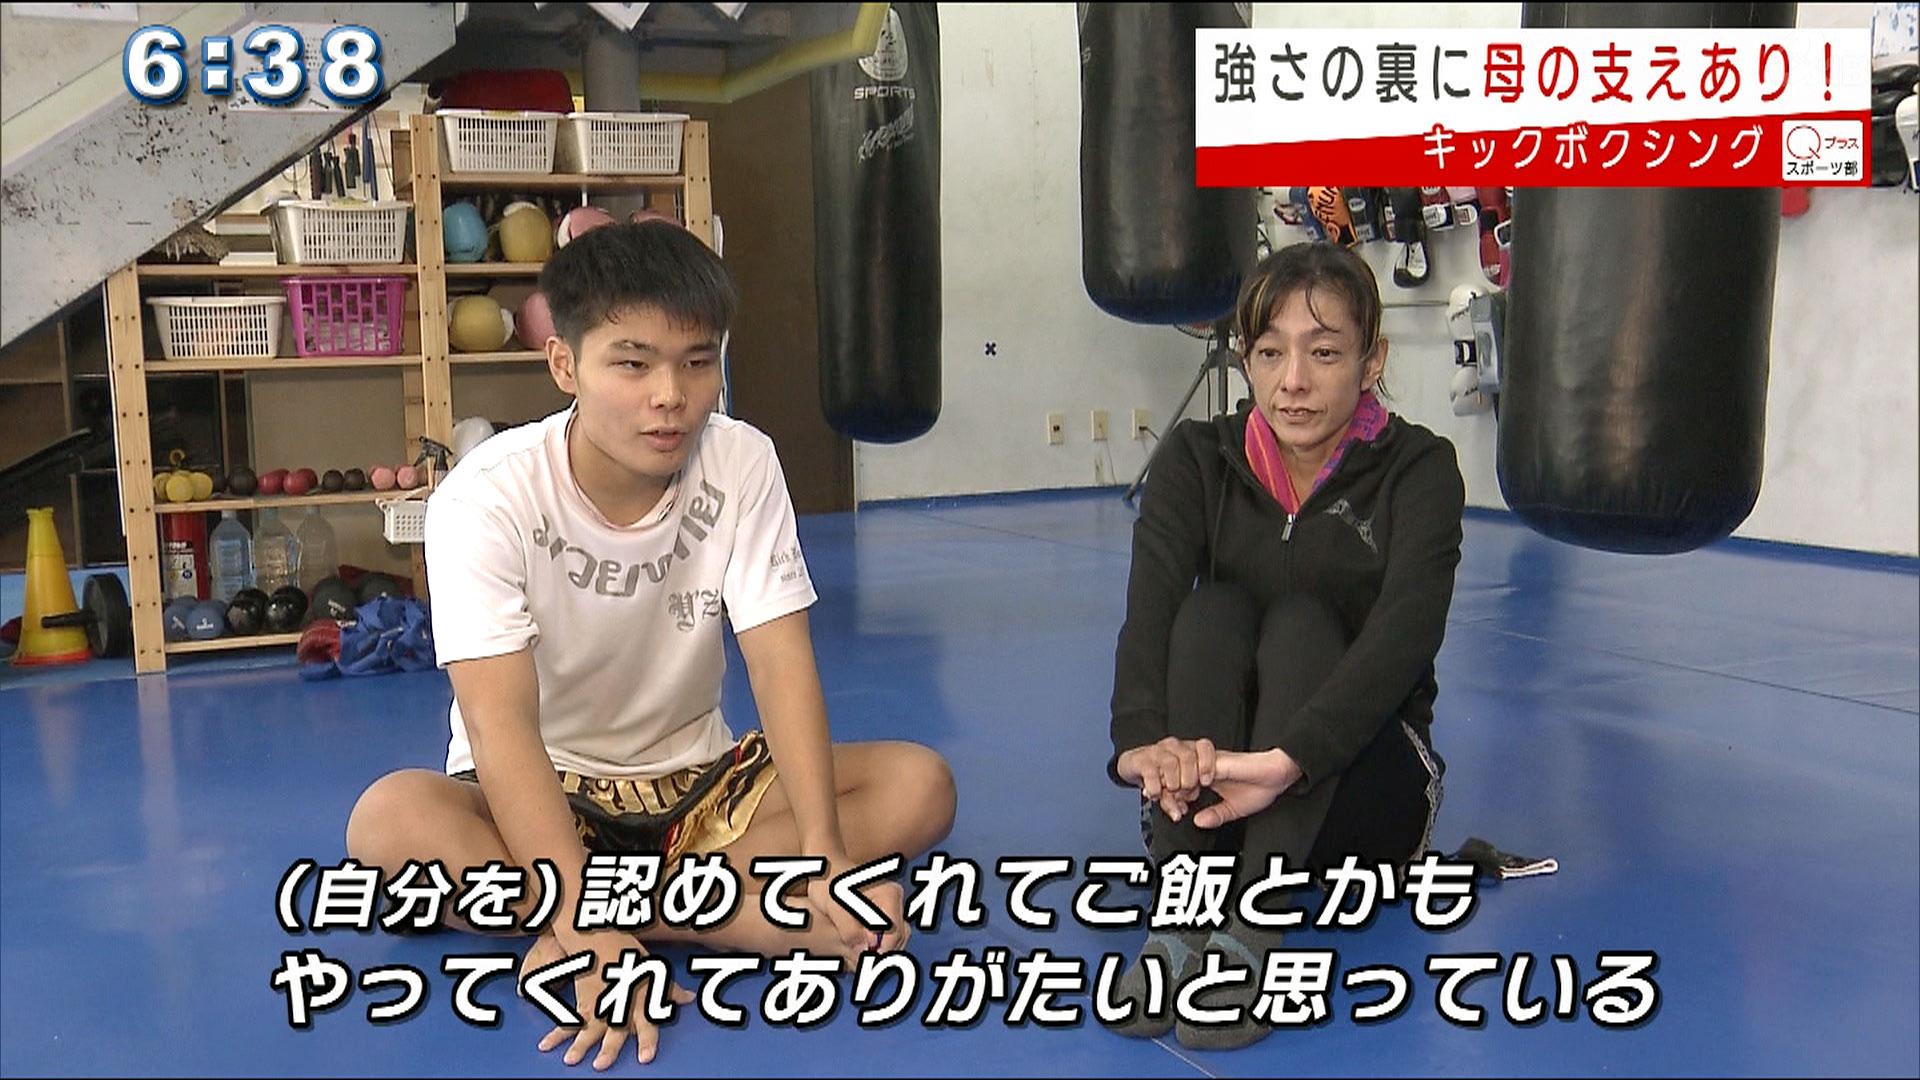 母と挑むリング!中学生キックボクサー